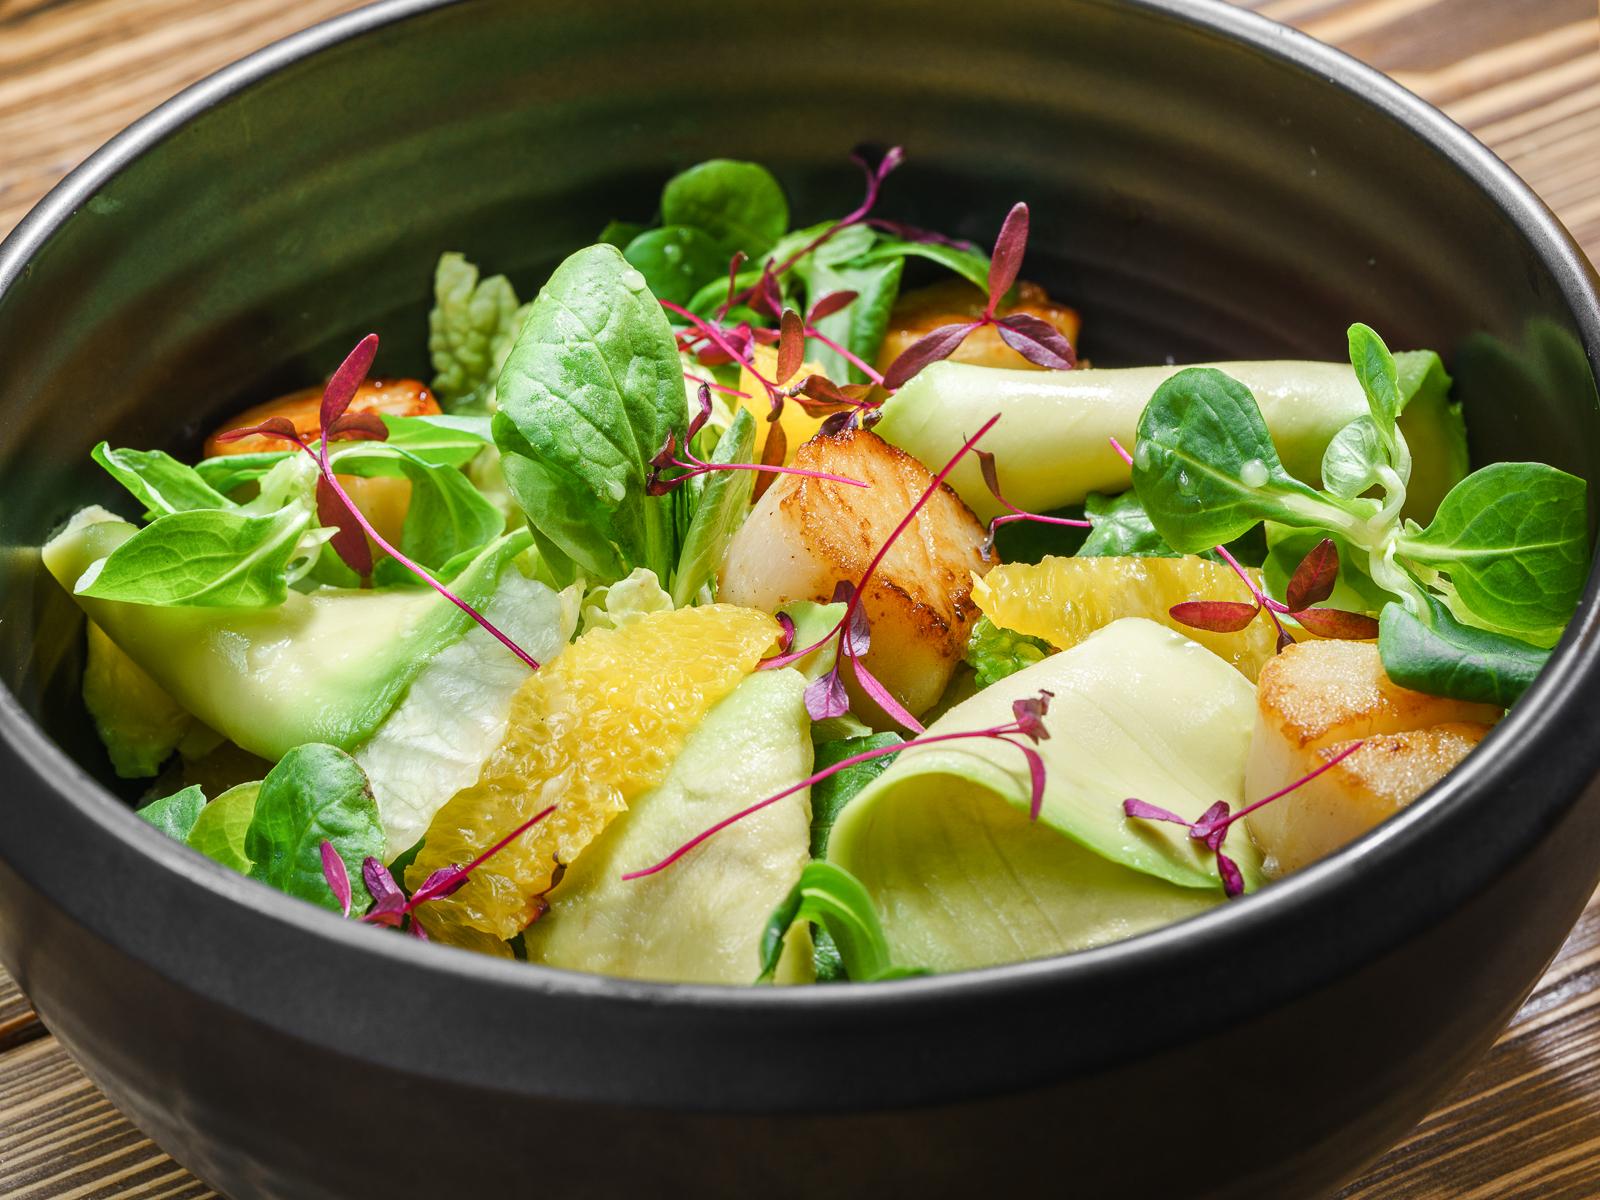 Салат с гребешками, авокадо и лавандовой заправкой